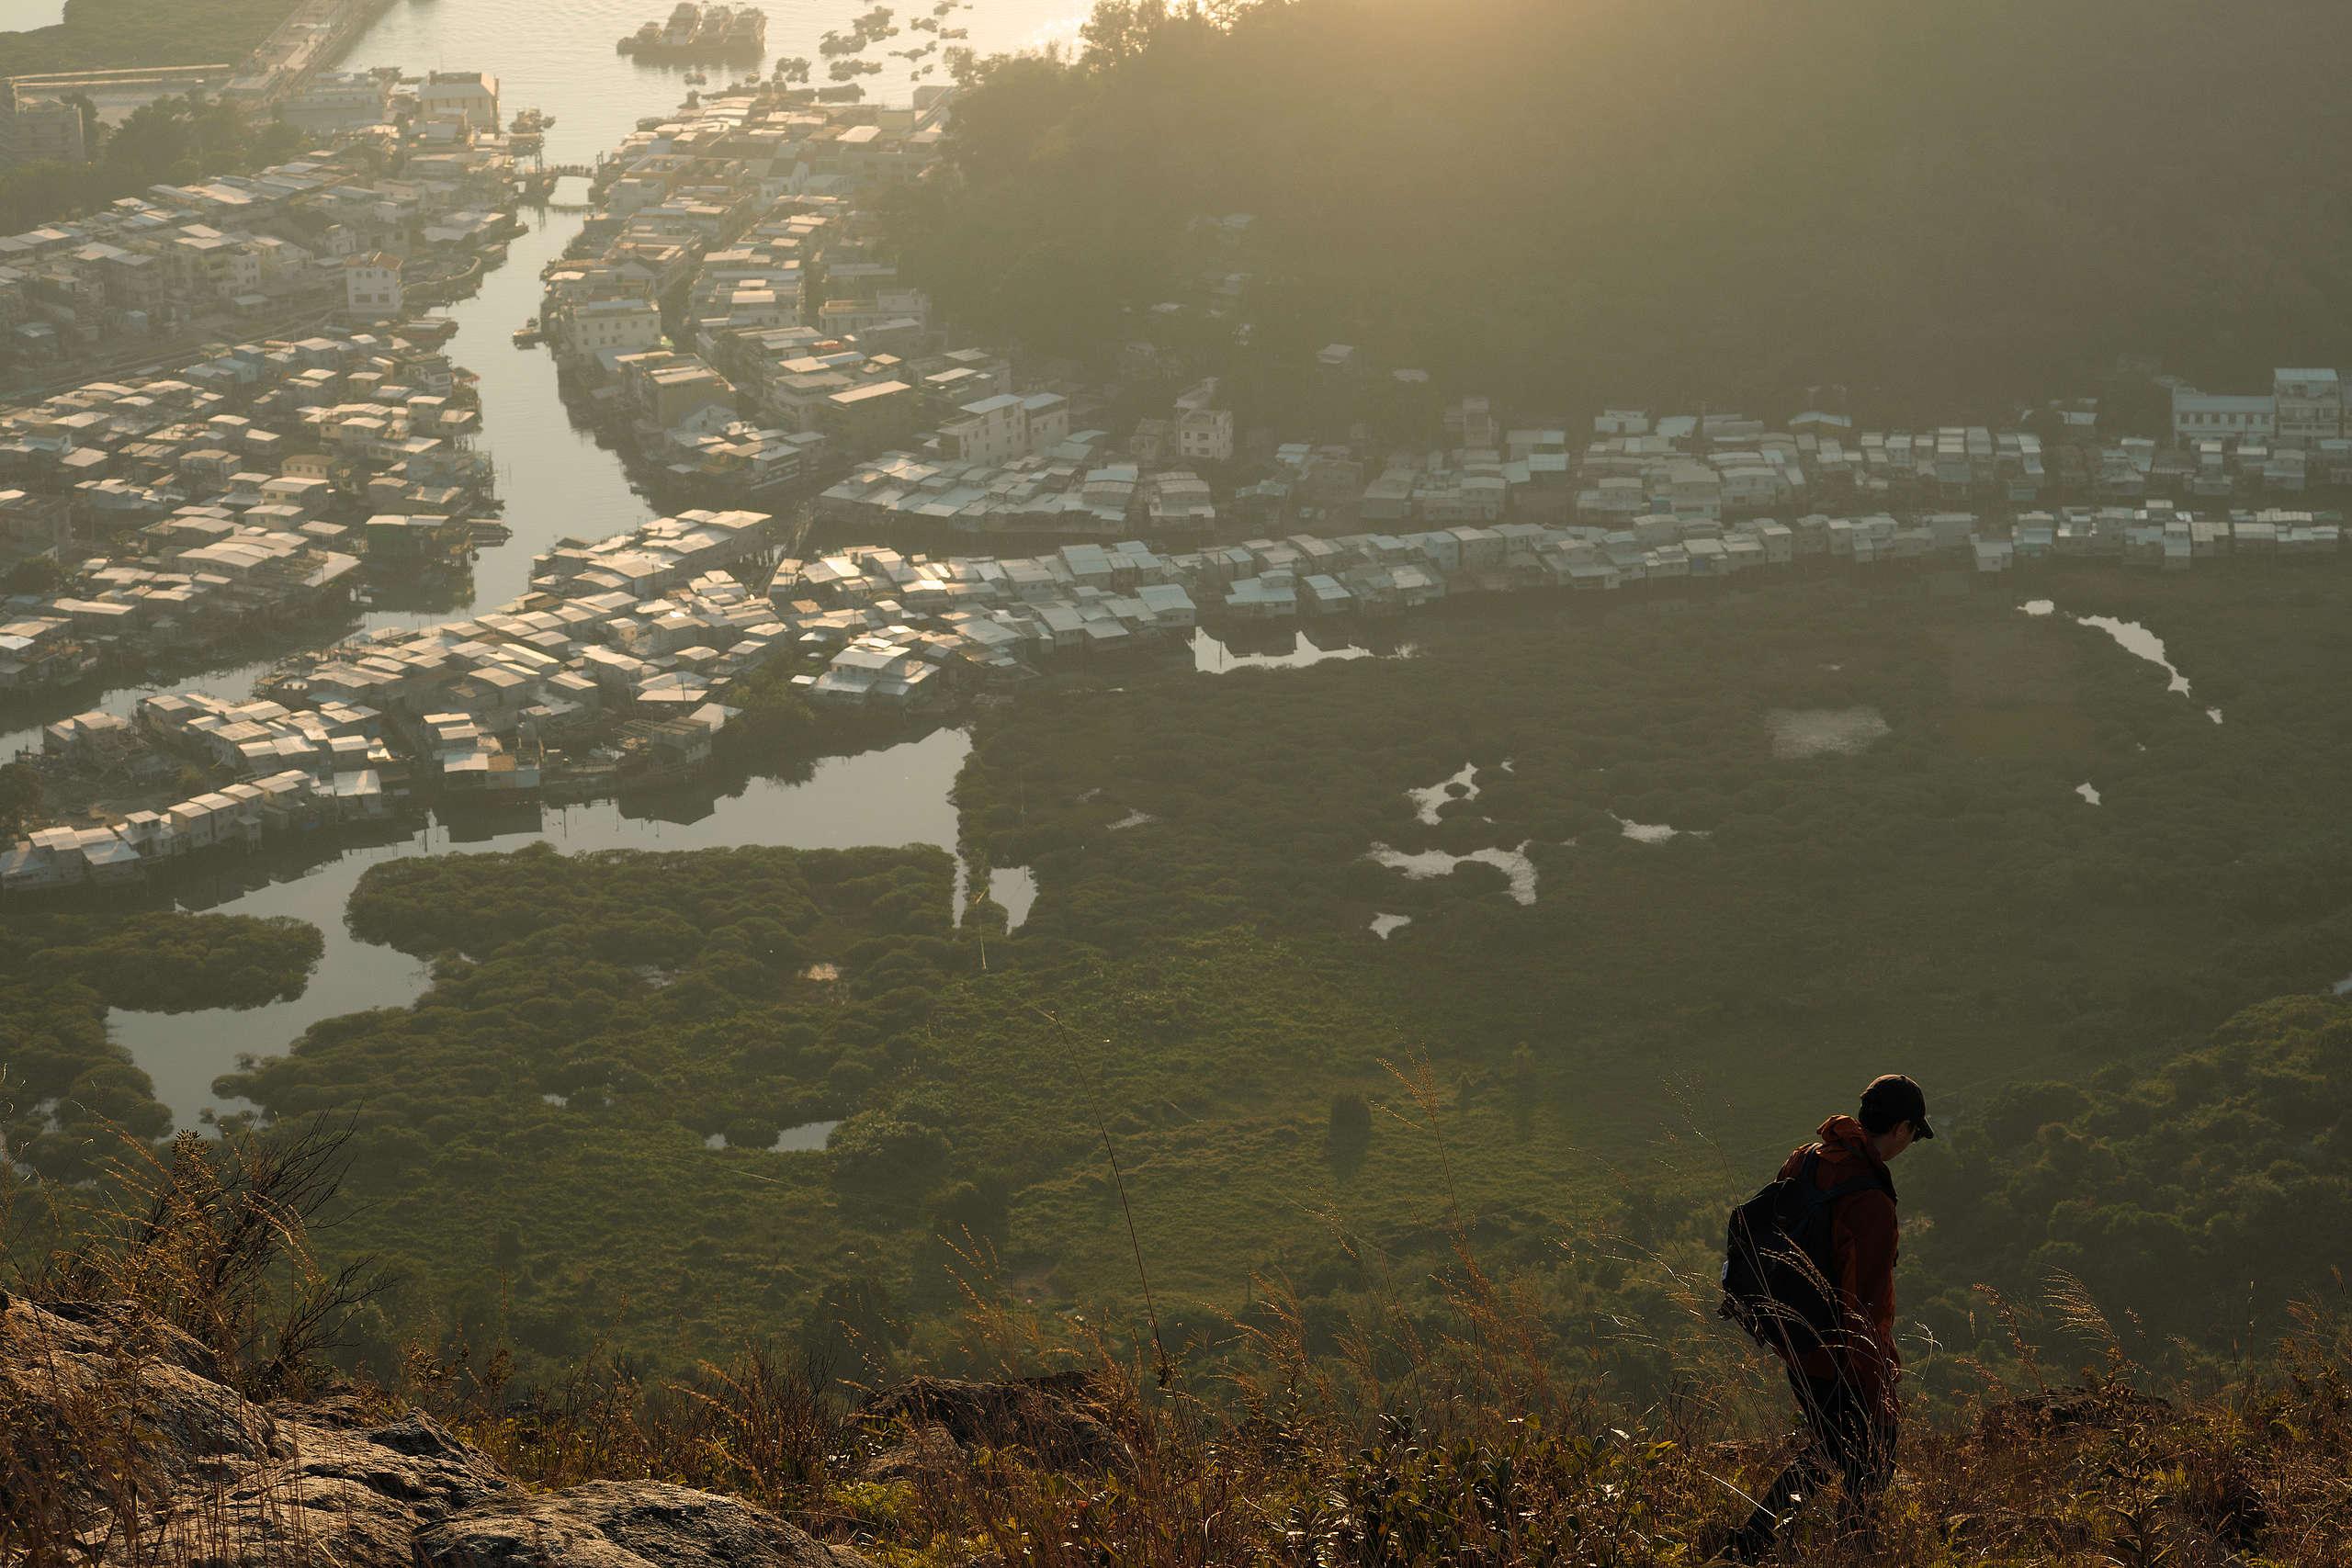 長焦鏡頭能夠壓縮遠近景物,將水鄉景色與眼前人物盡收相片中。 © 任意行